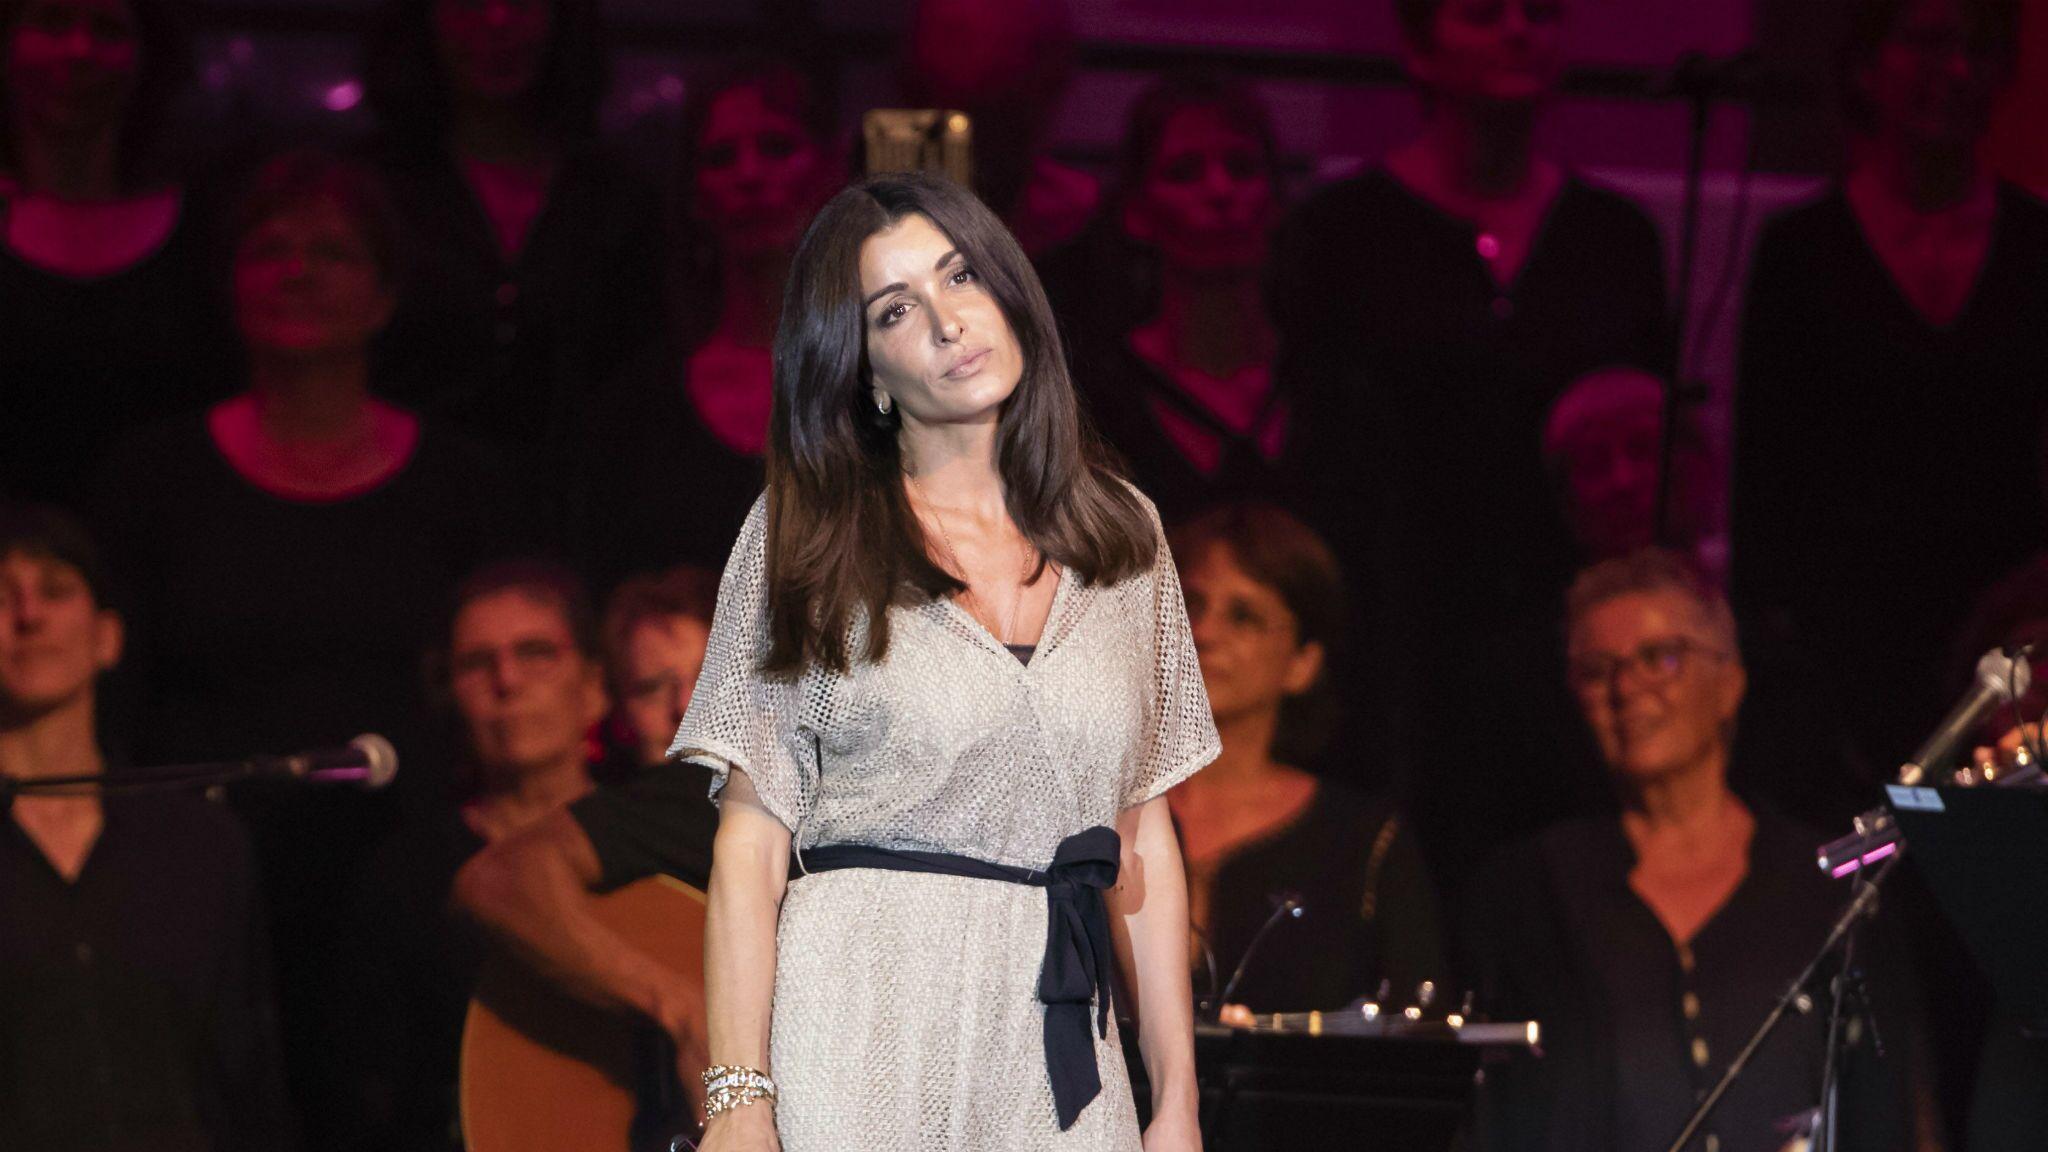 Jenifer : une bagarre éclate dans le public pendant son concert, la chanteuse obligée d'intervenir